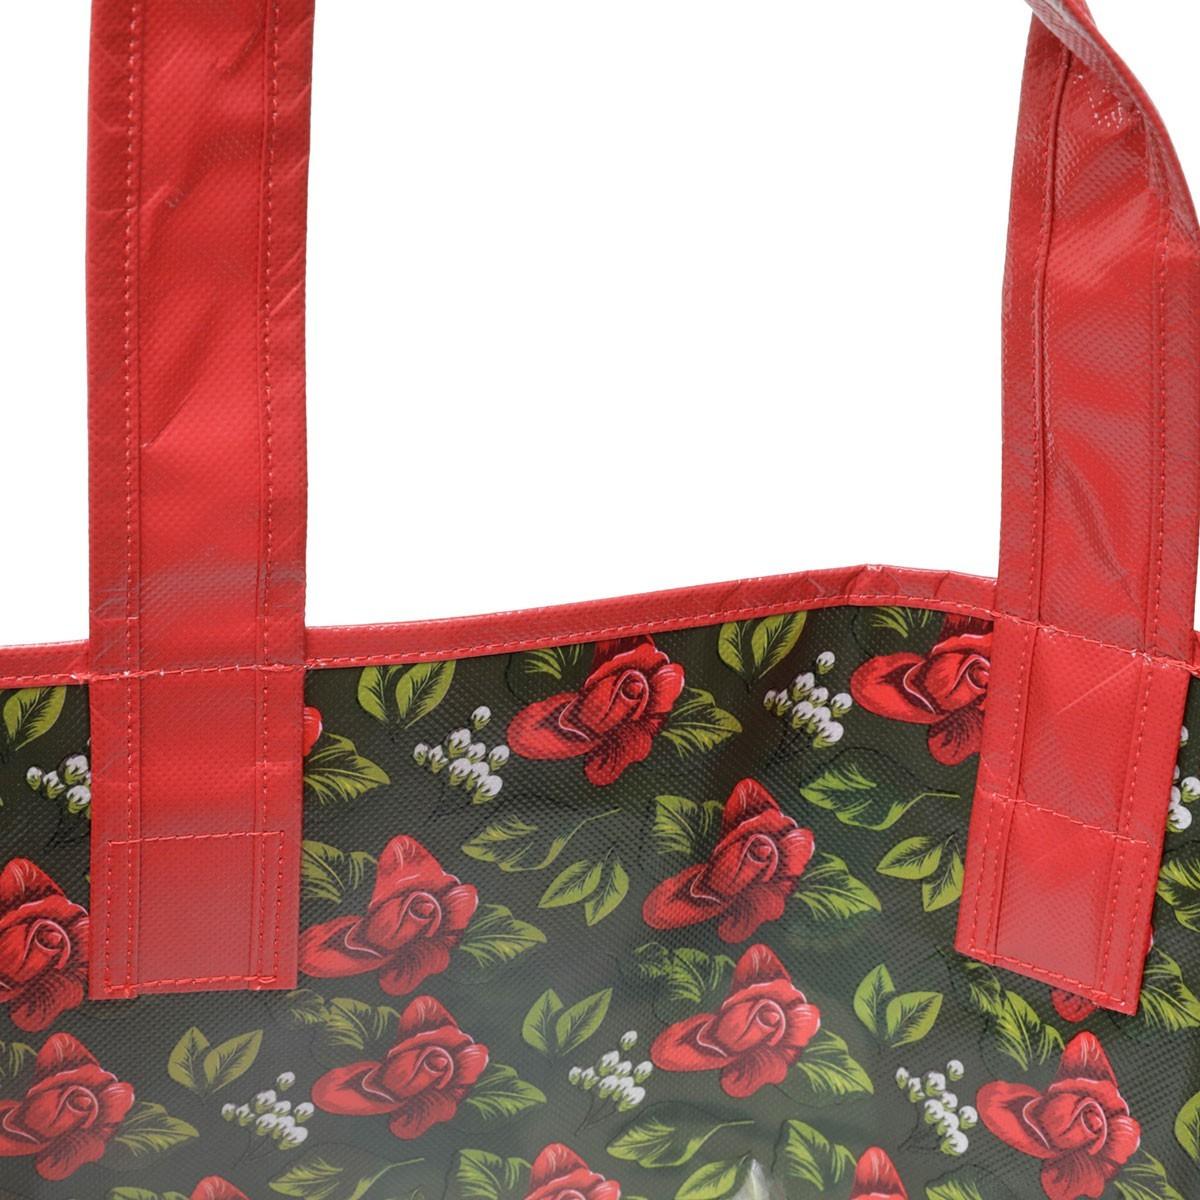 Sacola Reutilizável Frida Kahlo Rosas Vermelhas